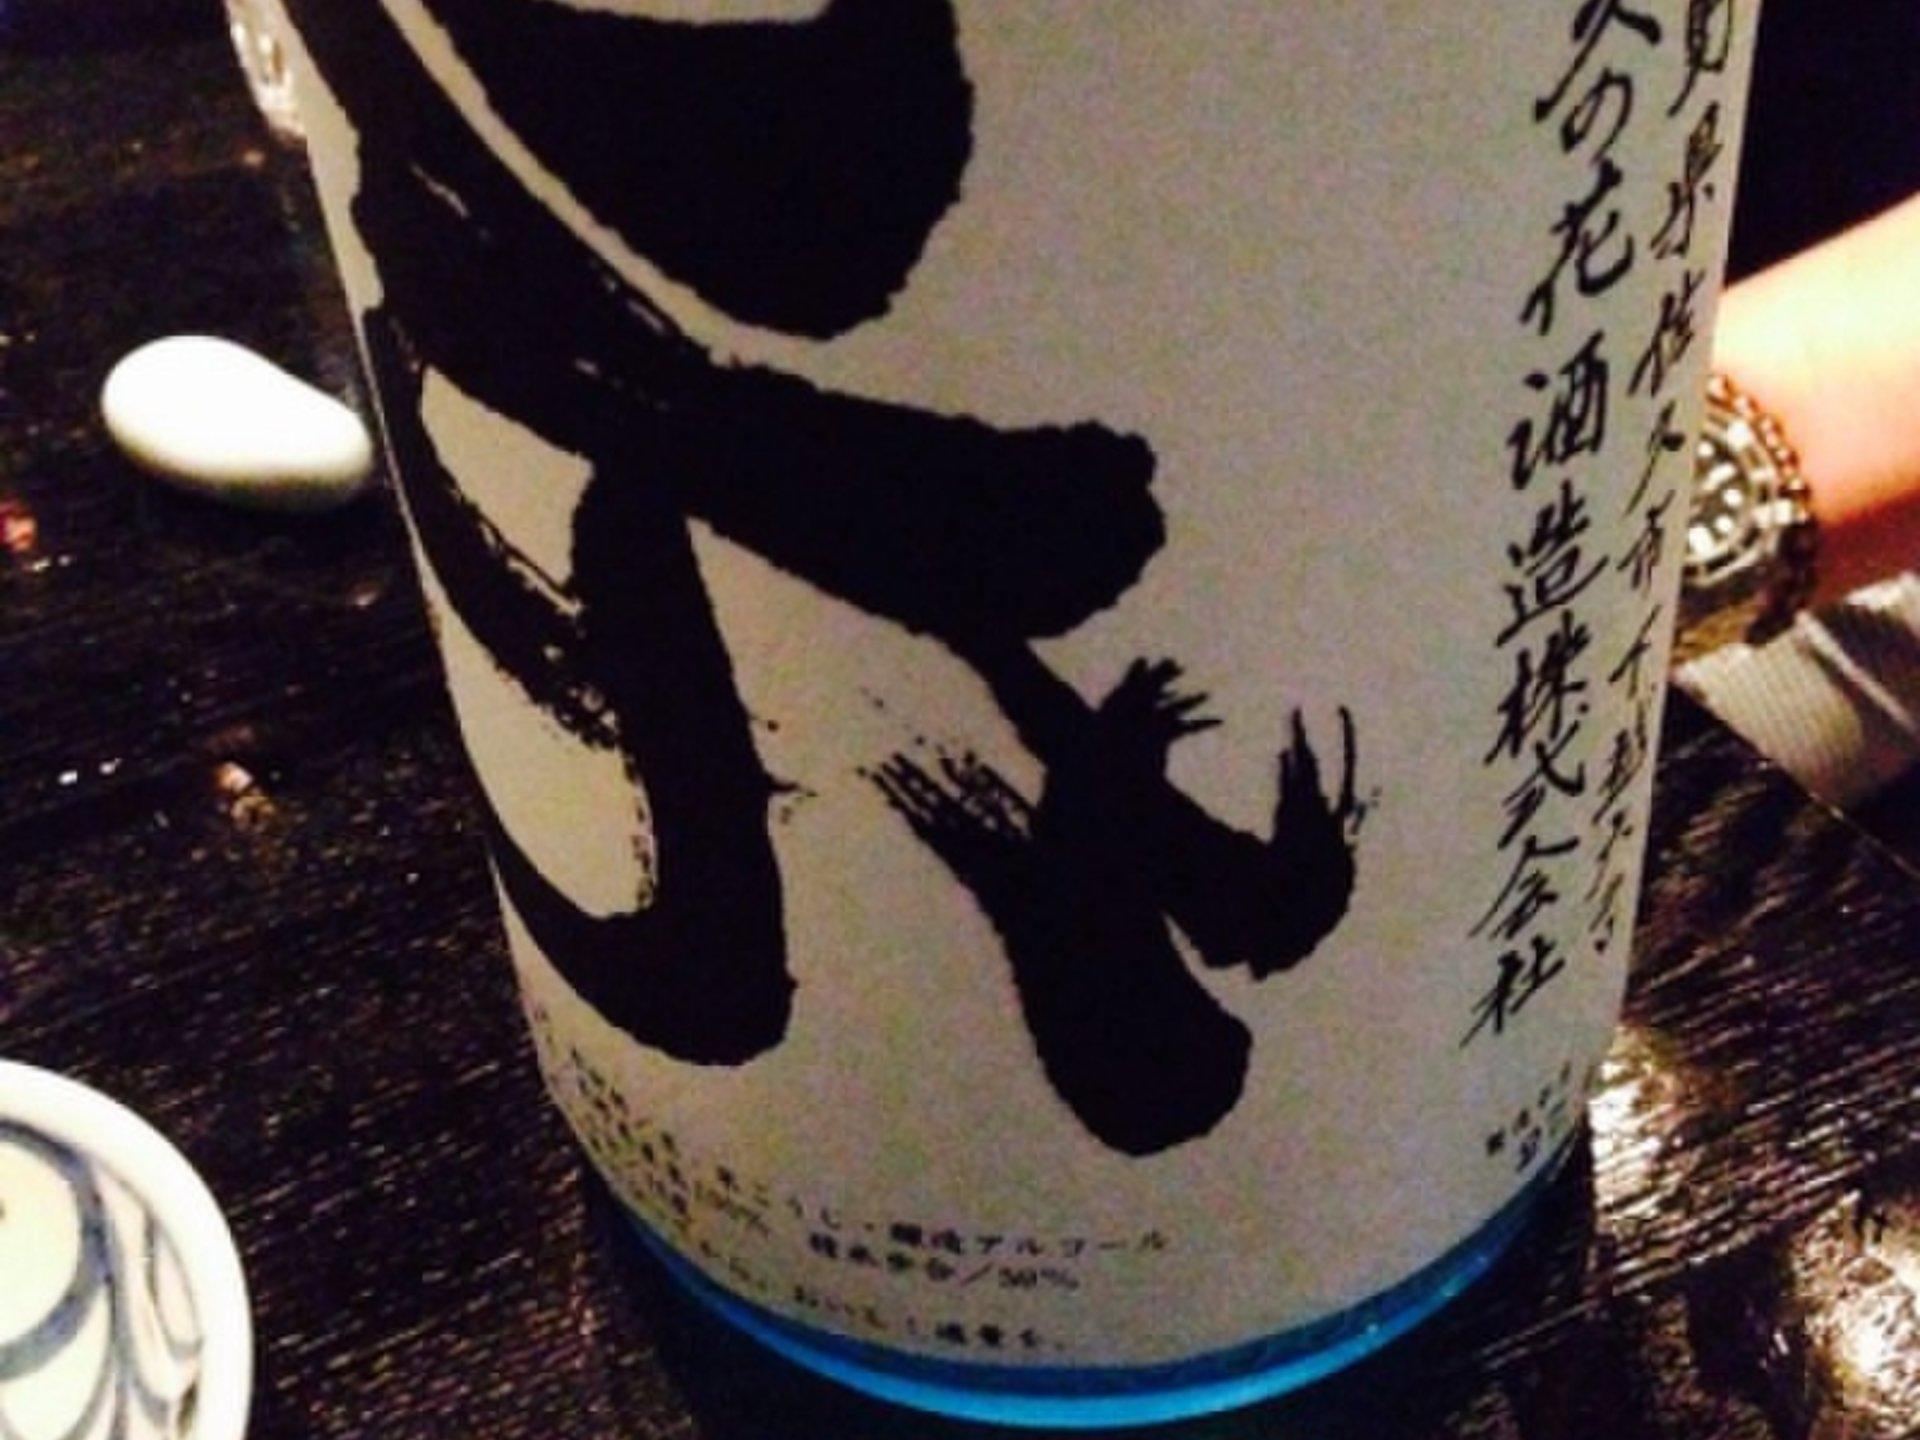 赤坂周辺の美味しい日本酒があるお店をご紹介!赤坂で大人な日本酒で過ごす夜を。